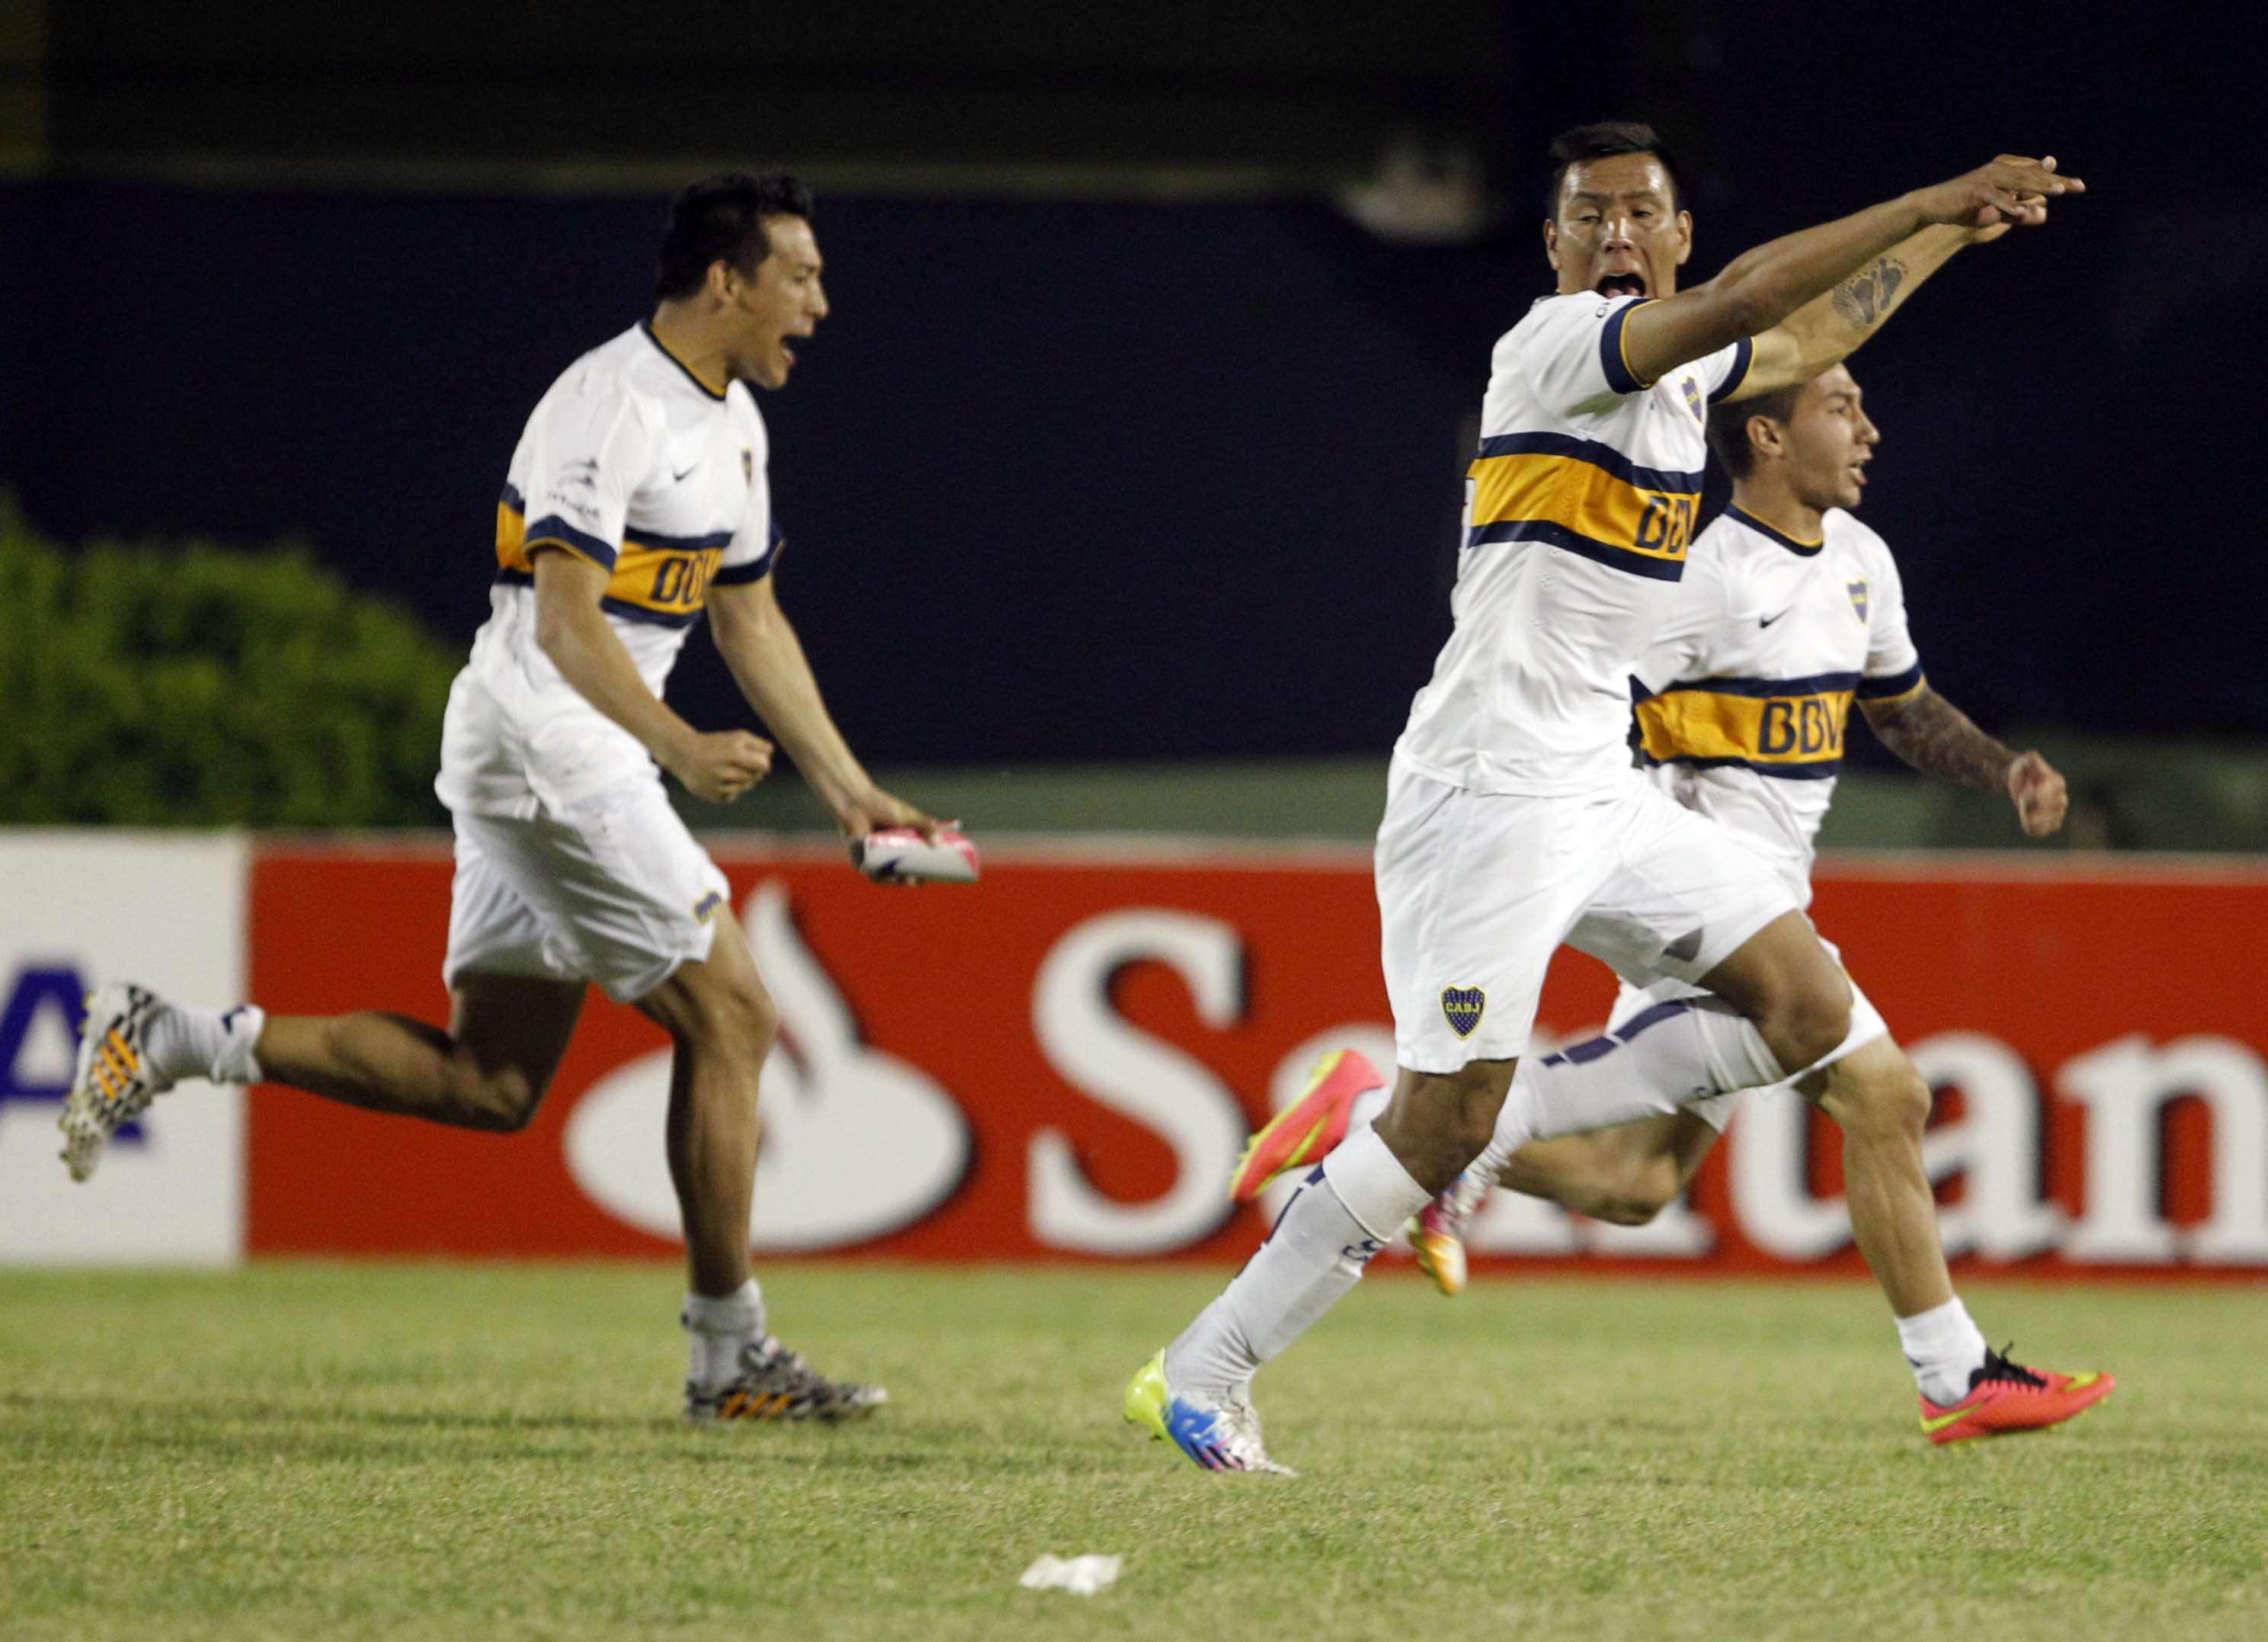 La Copa Sudamericana vive sus momentos finales en busca del campeón. Foto: EFE